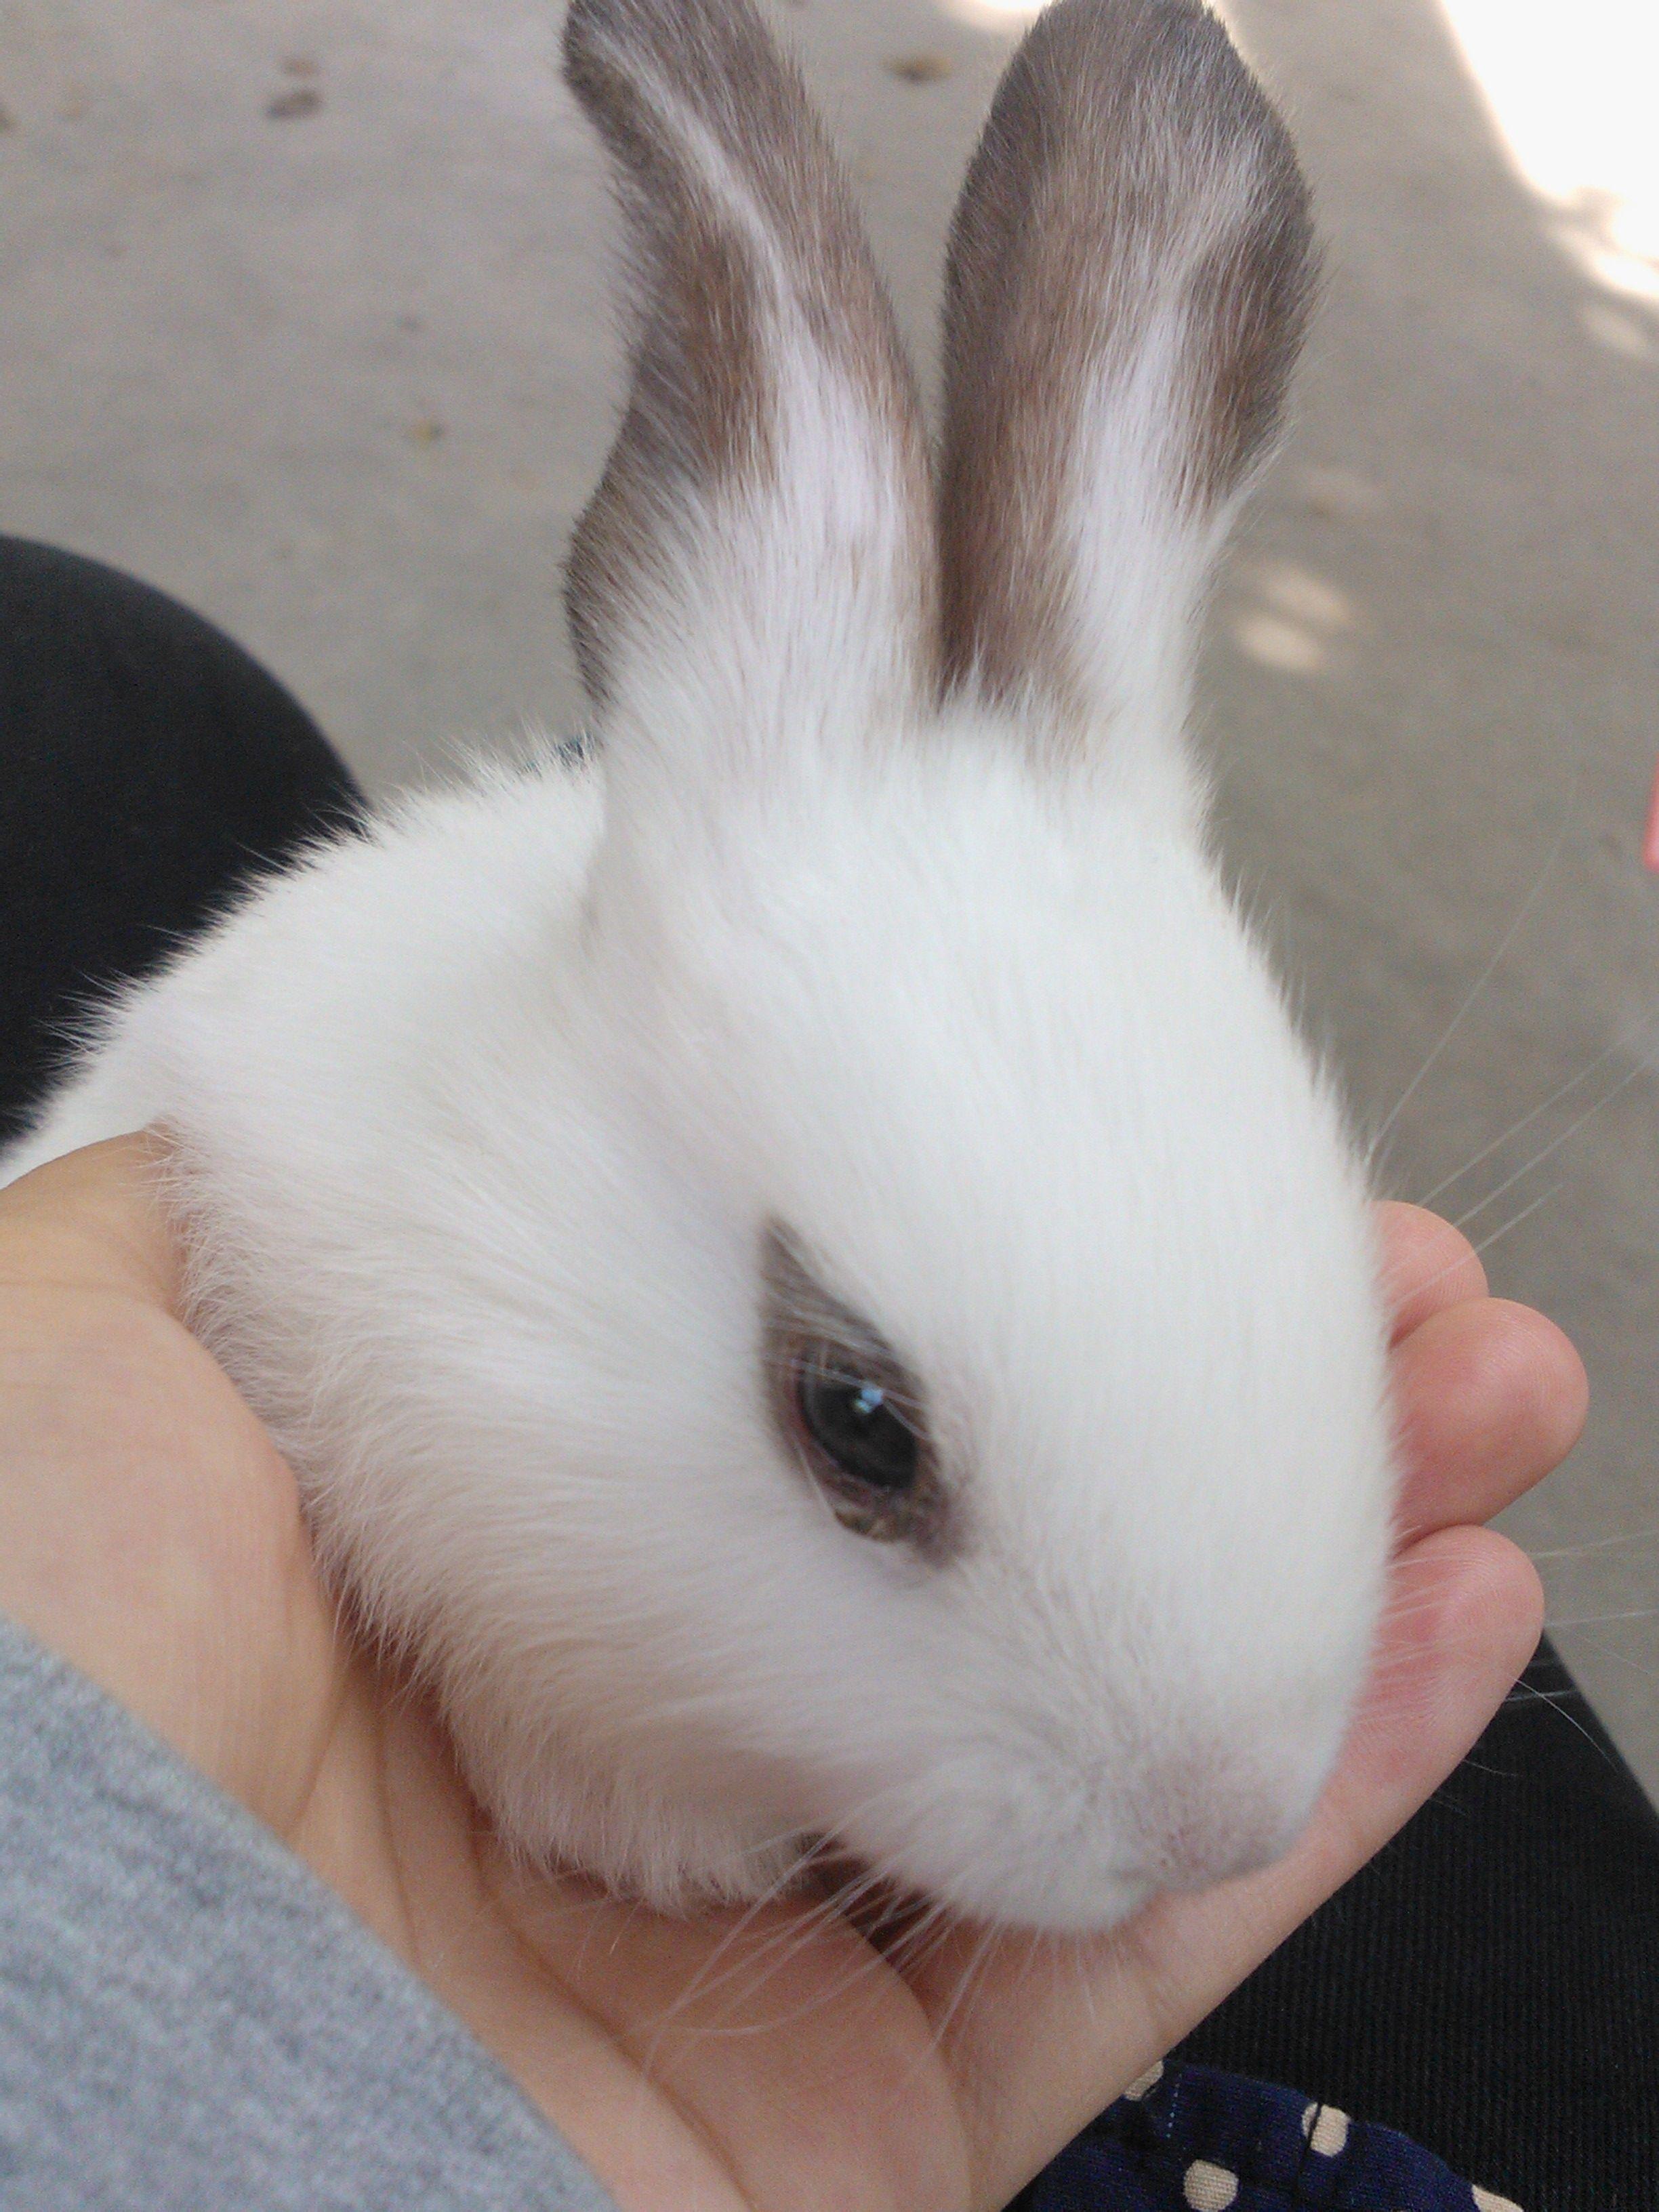 求还是谢谢这只大神是成兔兔子幼兔,急求!分辨!贵鱼好吃狗鱼还是好吃图片